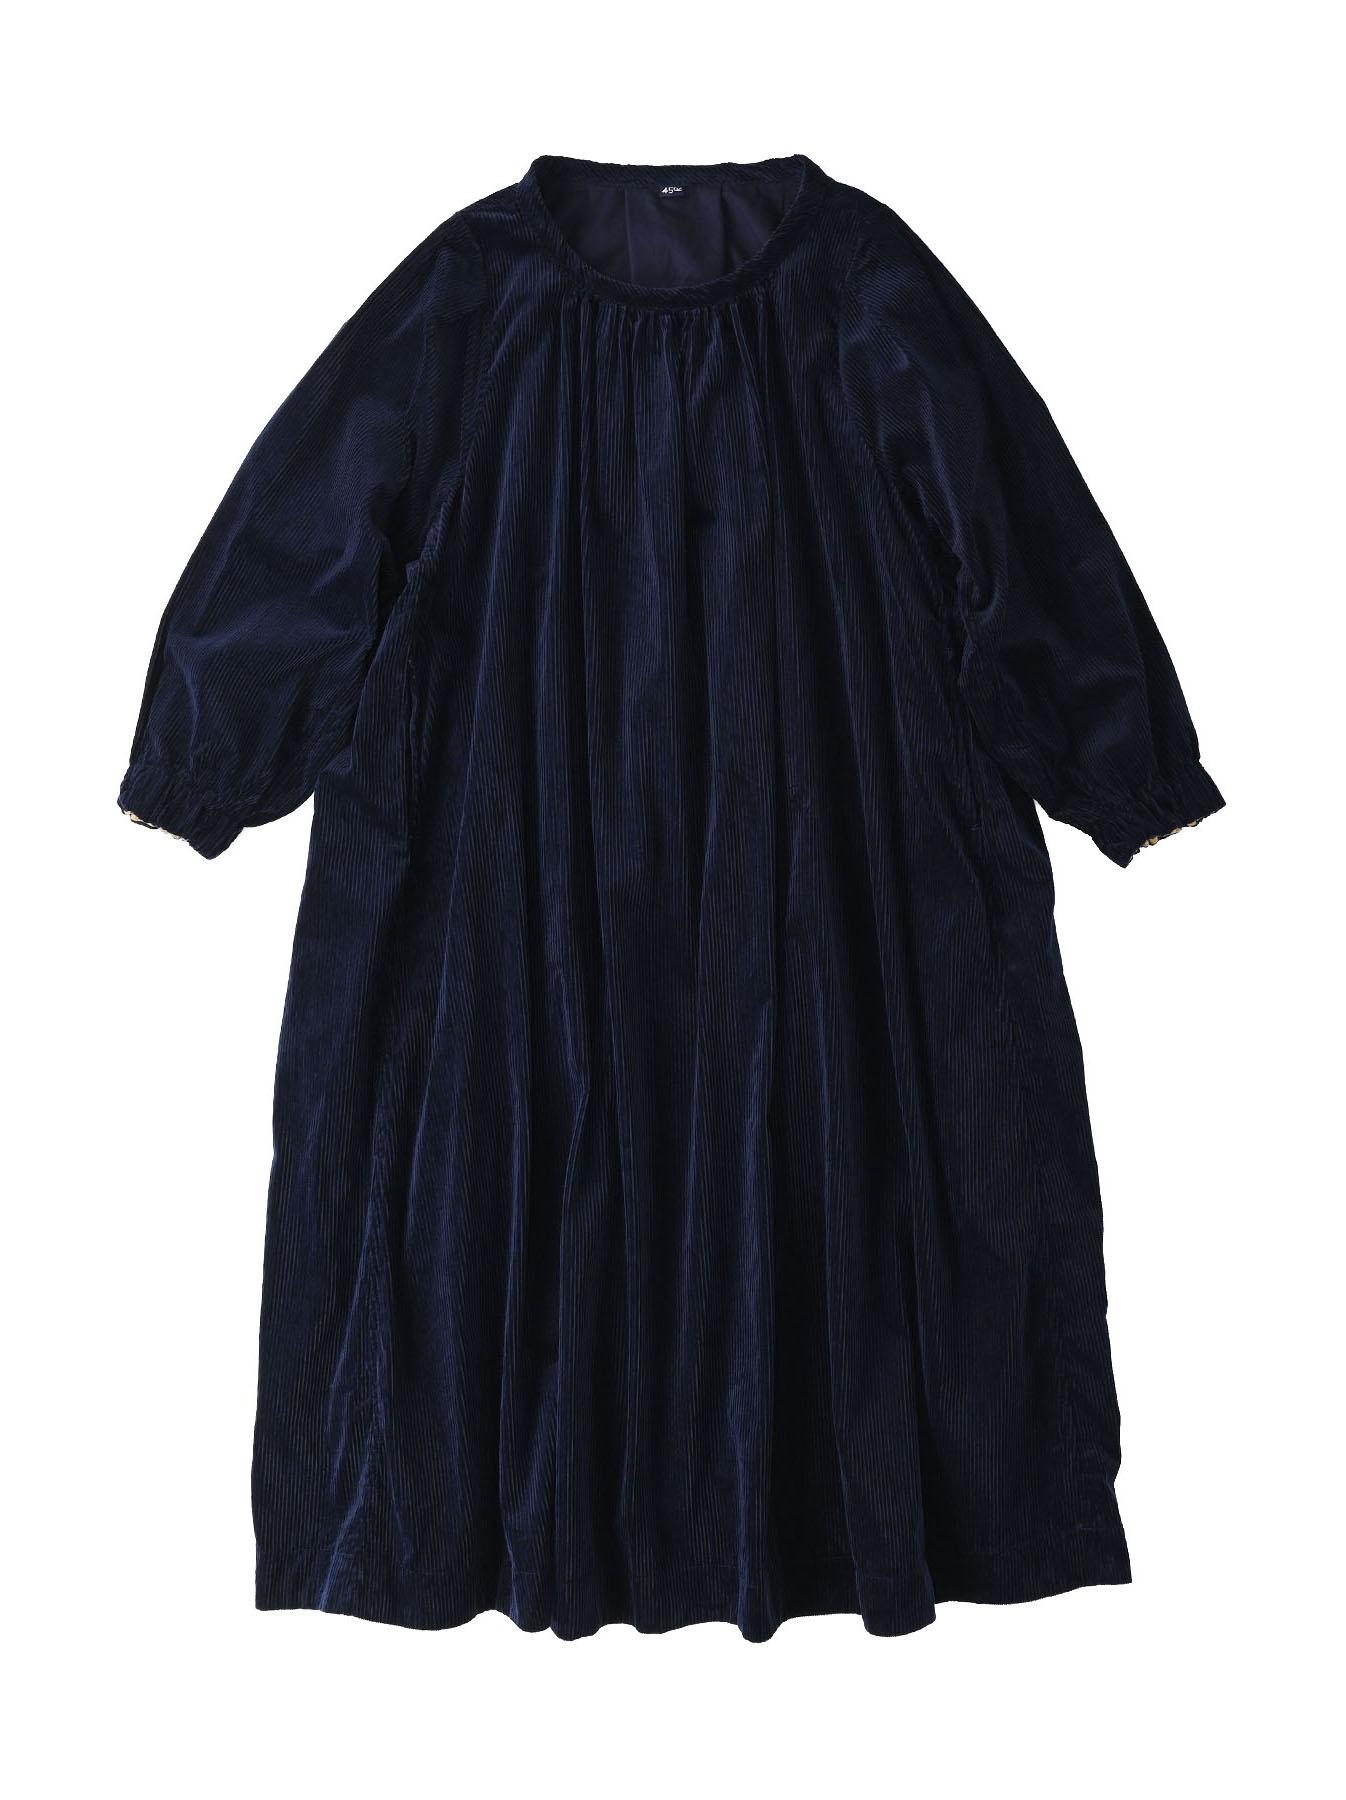 Kutekute Corduroy Gathered Dress-3